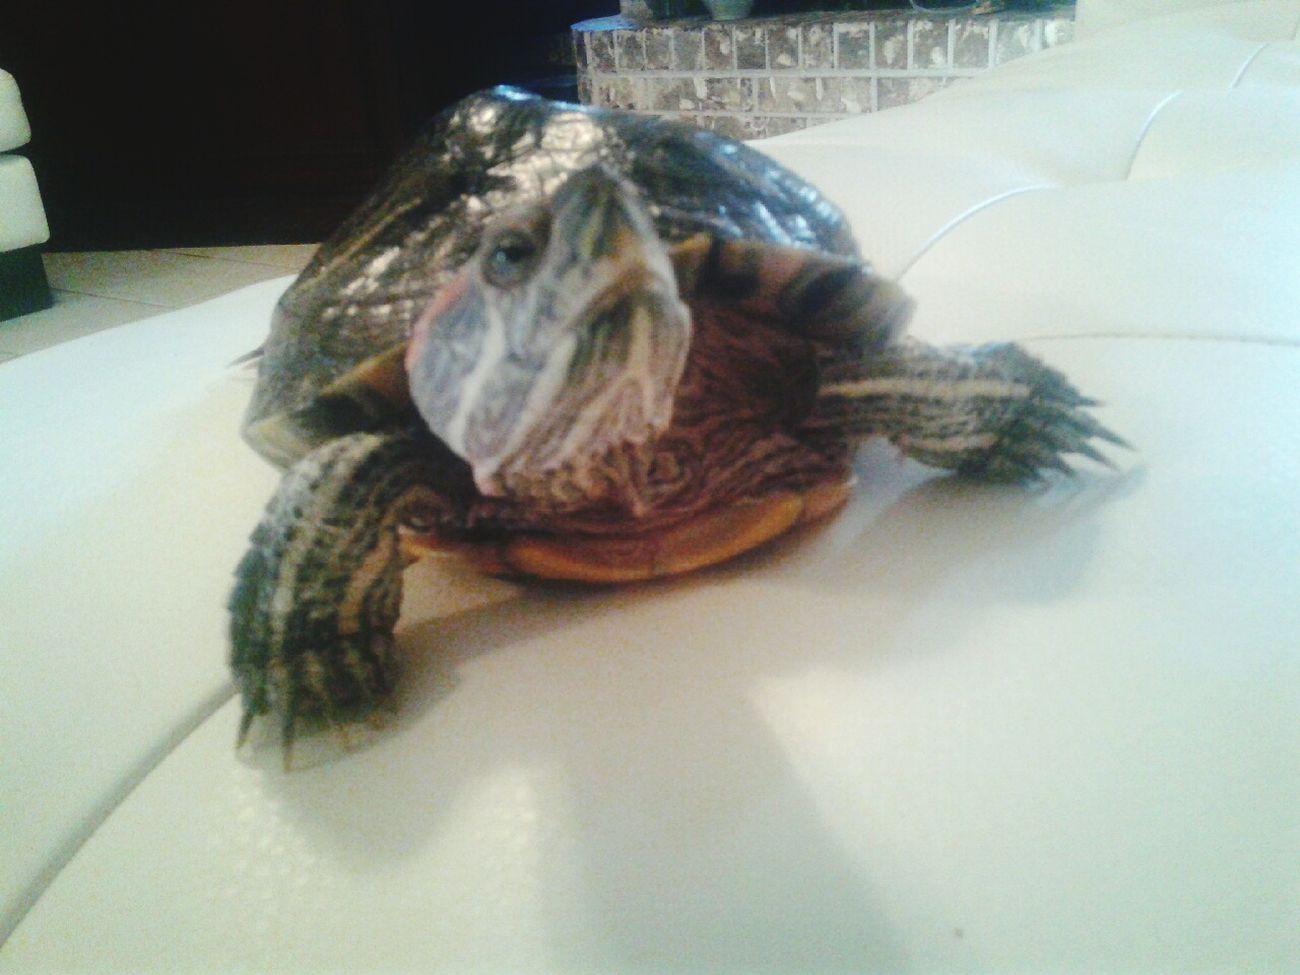 Turtlegang